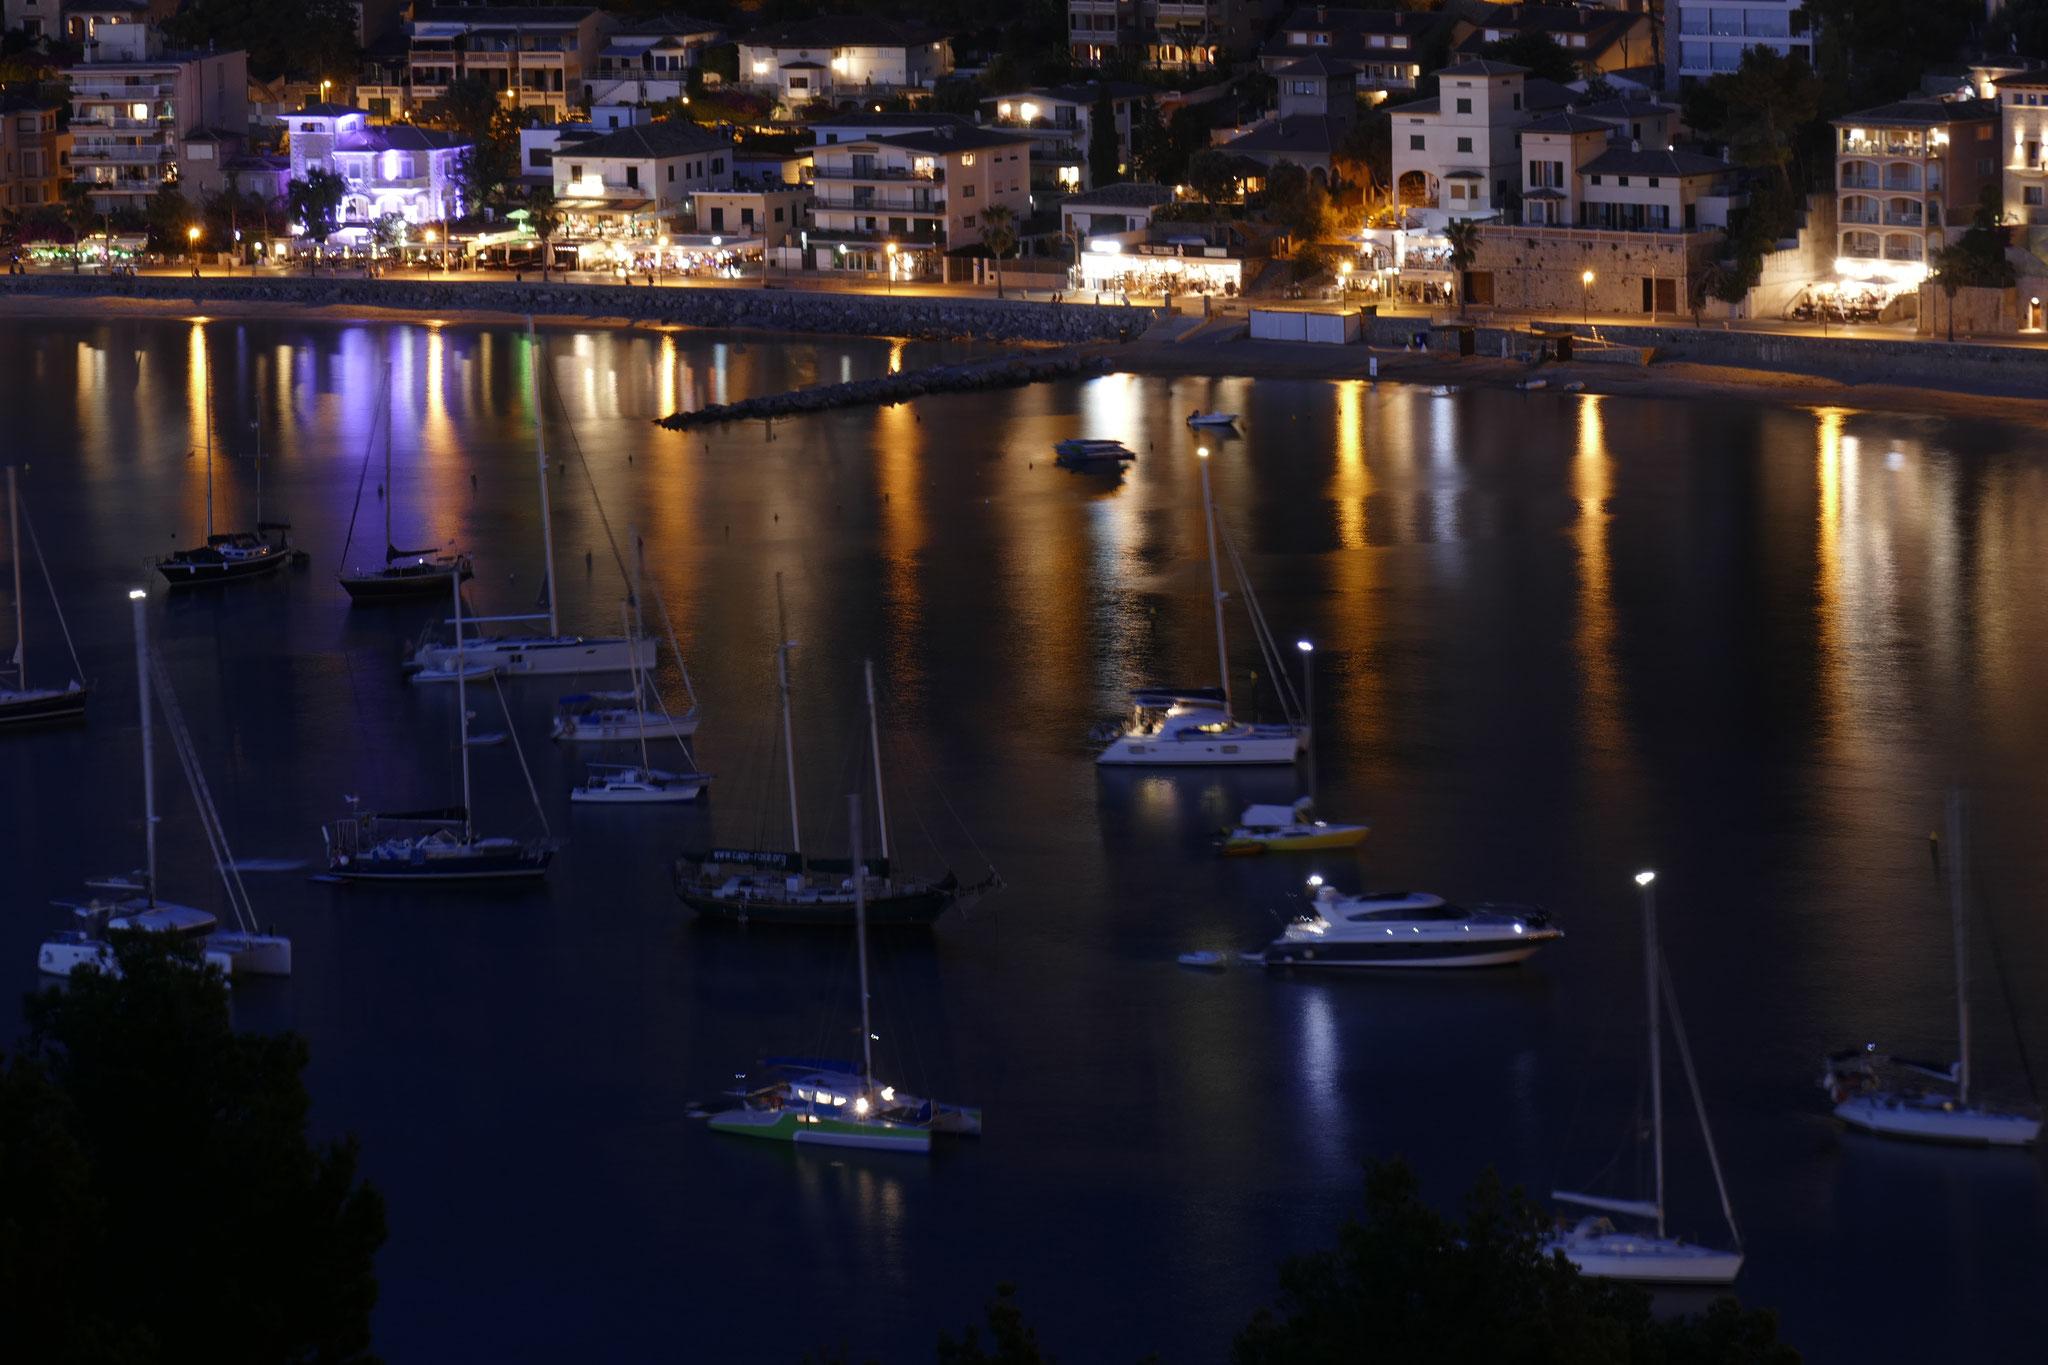 Hafen-Impression bei Nacht